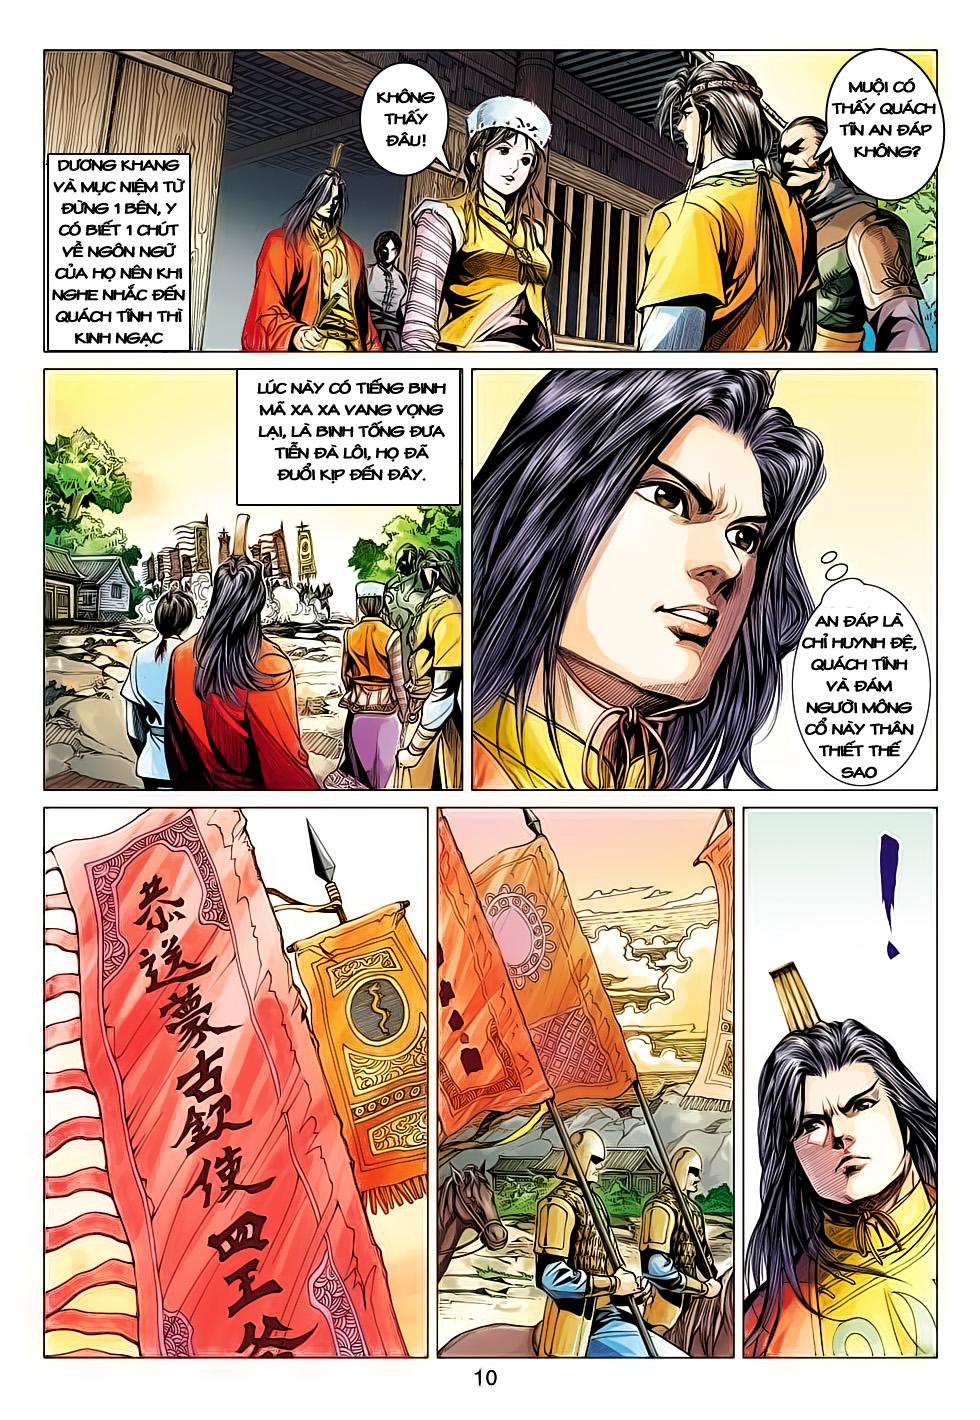 Anh Hùng Xạ Điêu anh hùng xạ đêu chap 61: thất tử chiến thiết thi trang 10